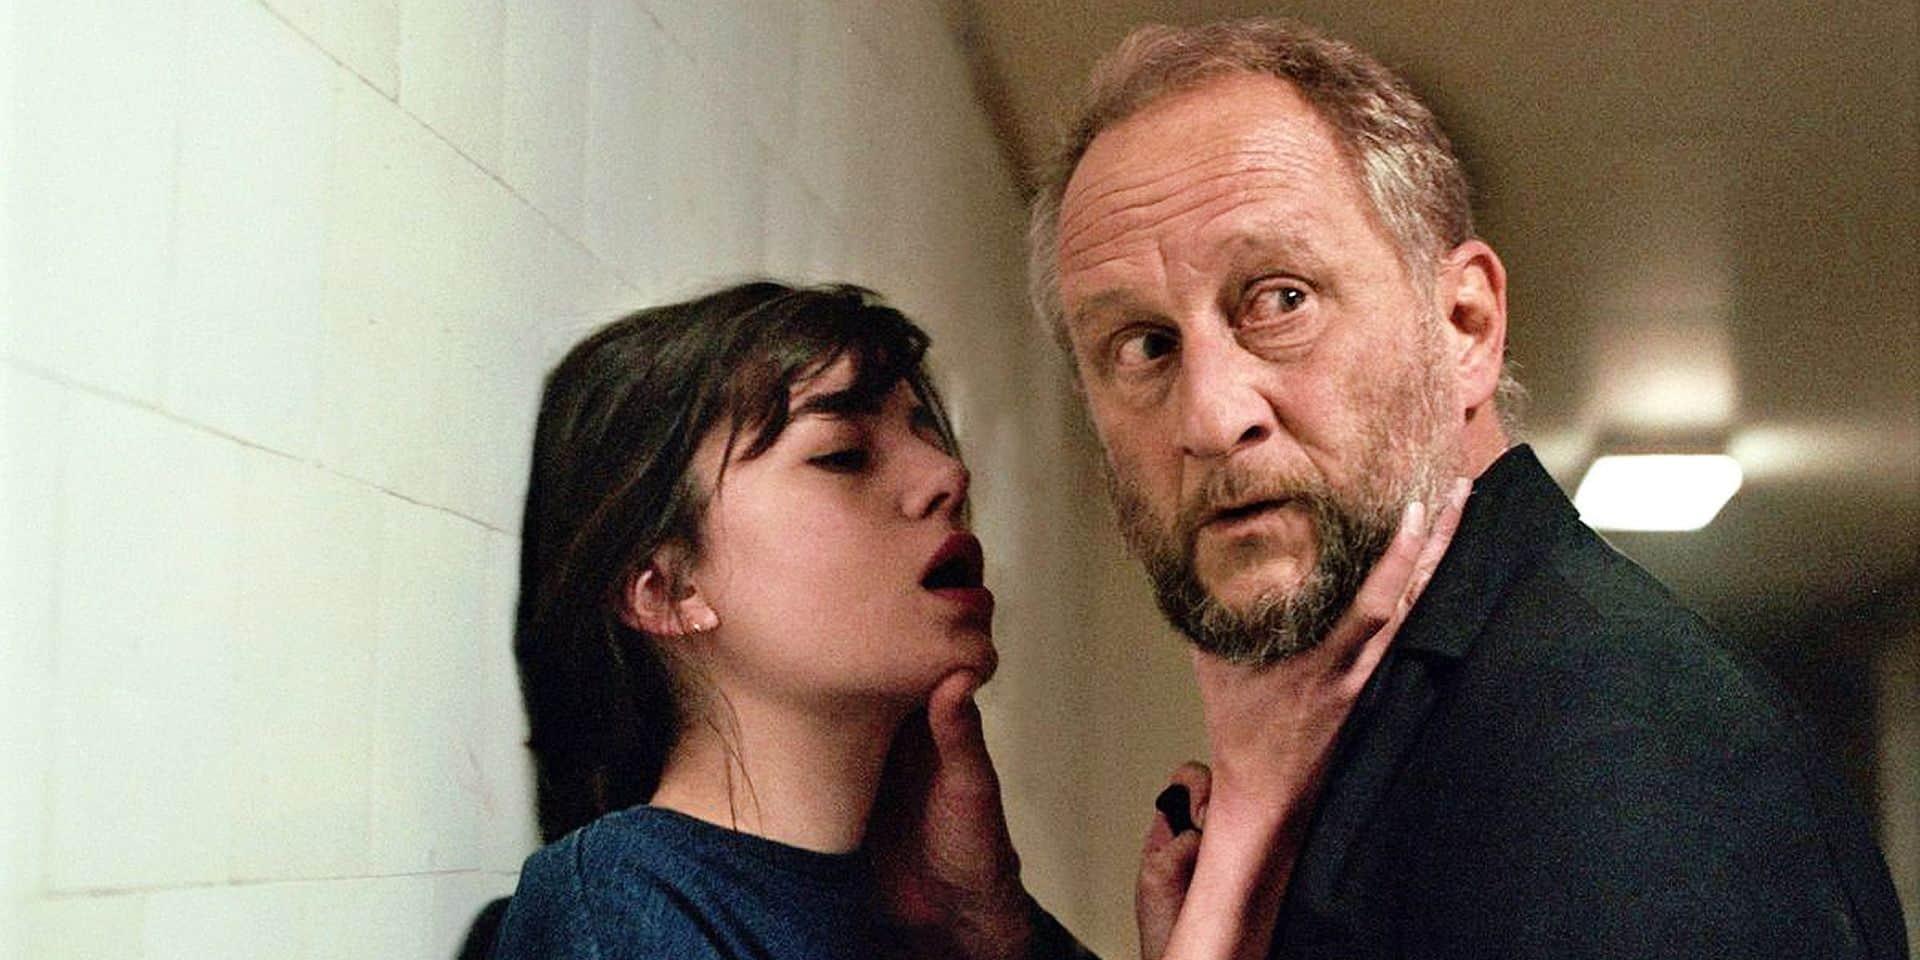 De nombreux films belges, et non des moindres, seront à l'affiche ces six prochains mois